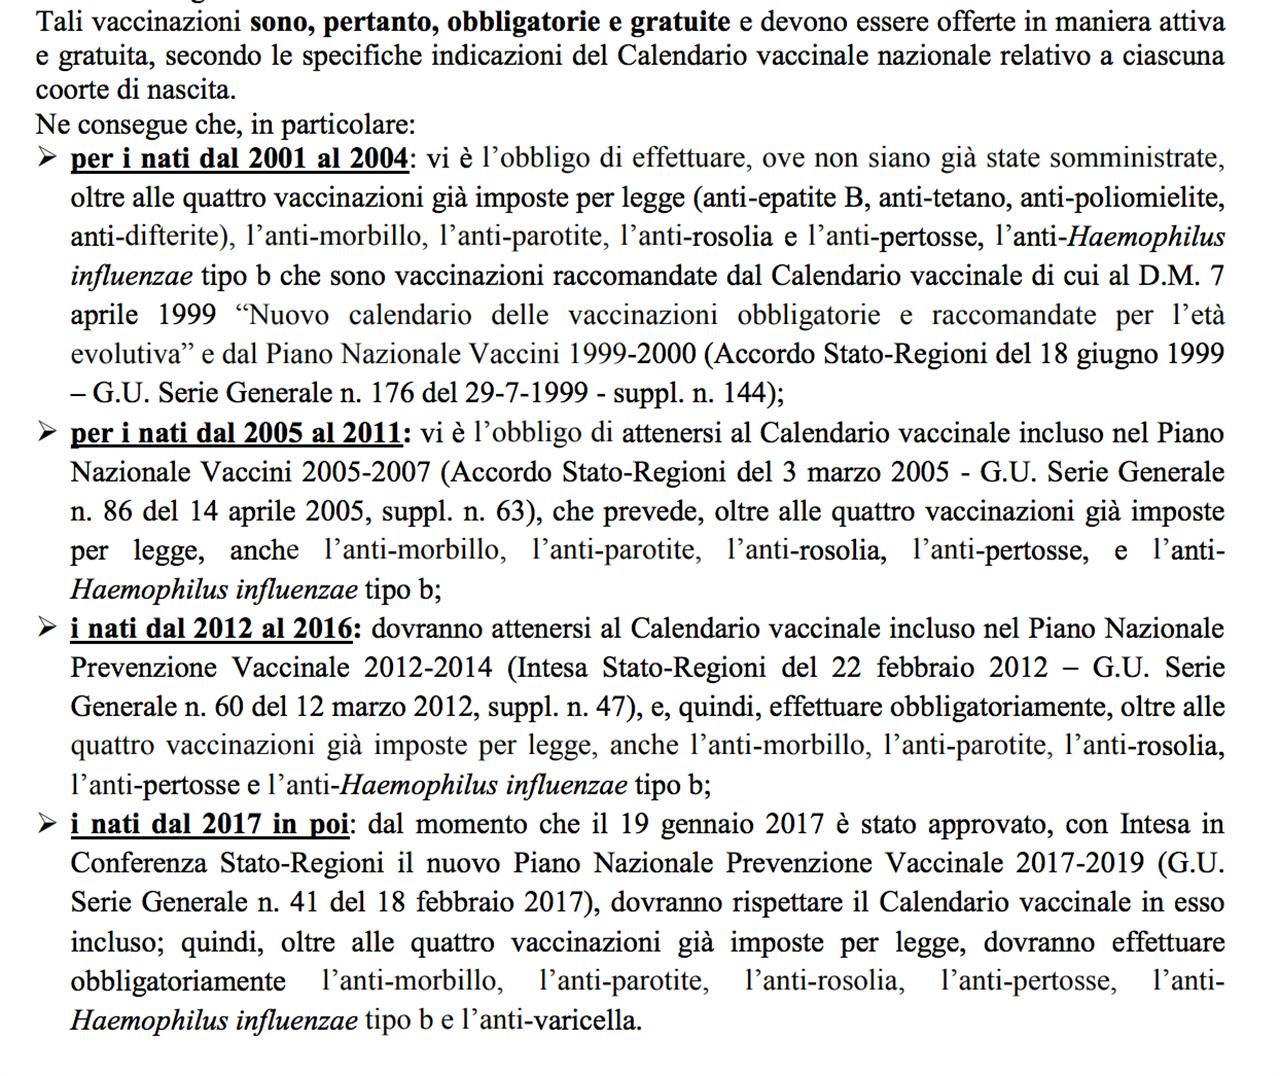 Villafranca Tirrena, vaccini obbligatori e... file interminabili!